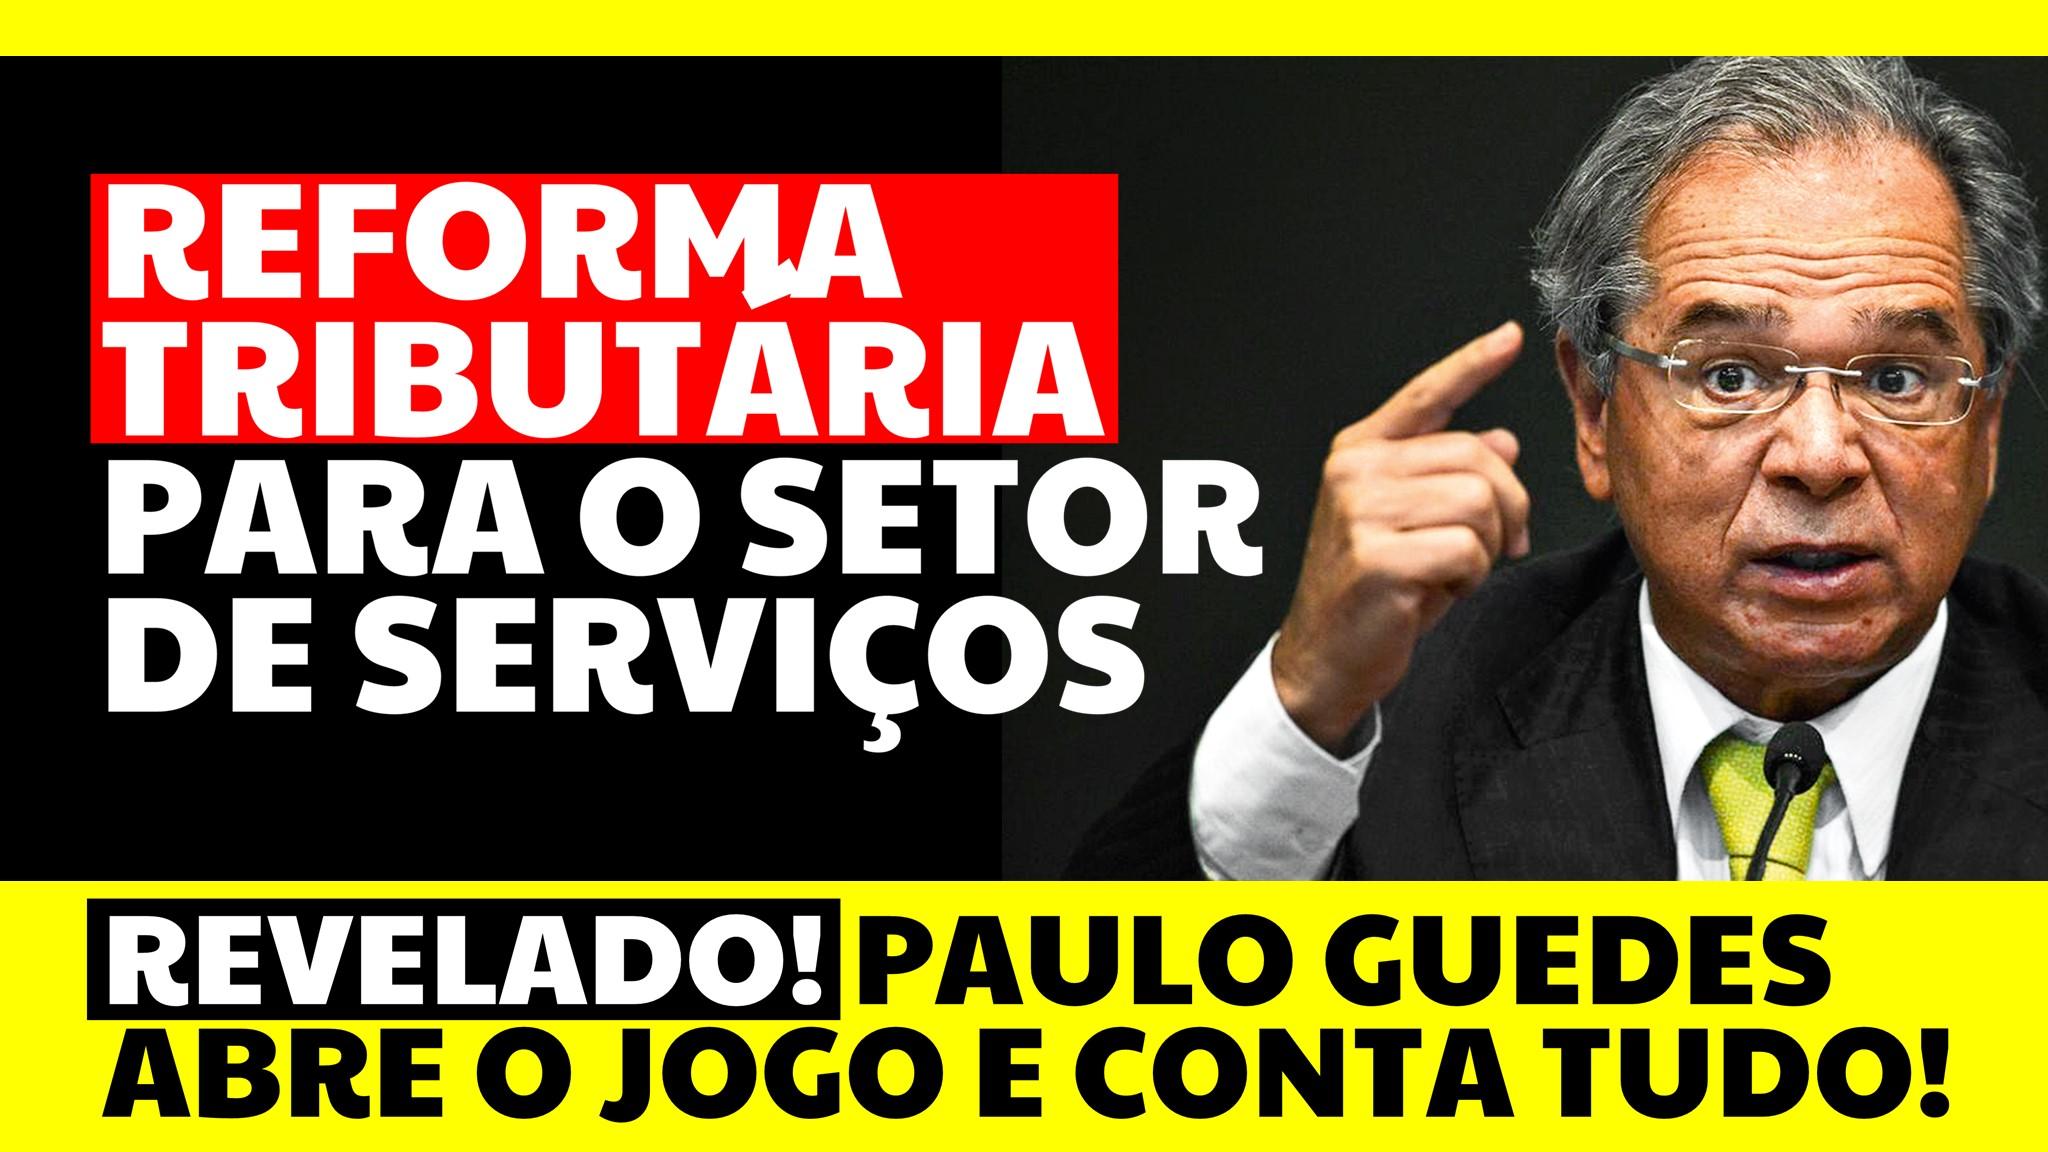 You are currently viewing Reforma Tributária para o setor de serviços: Paulo Guedes disse como será…